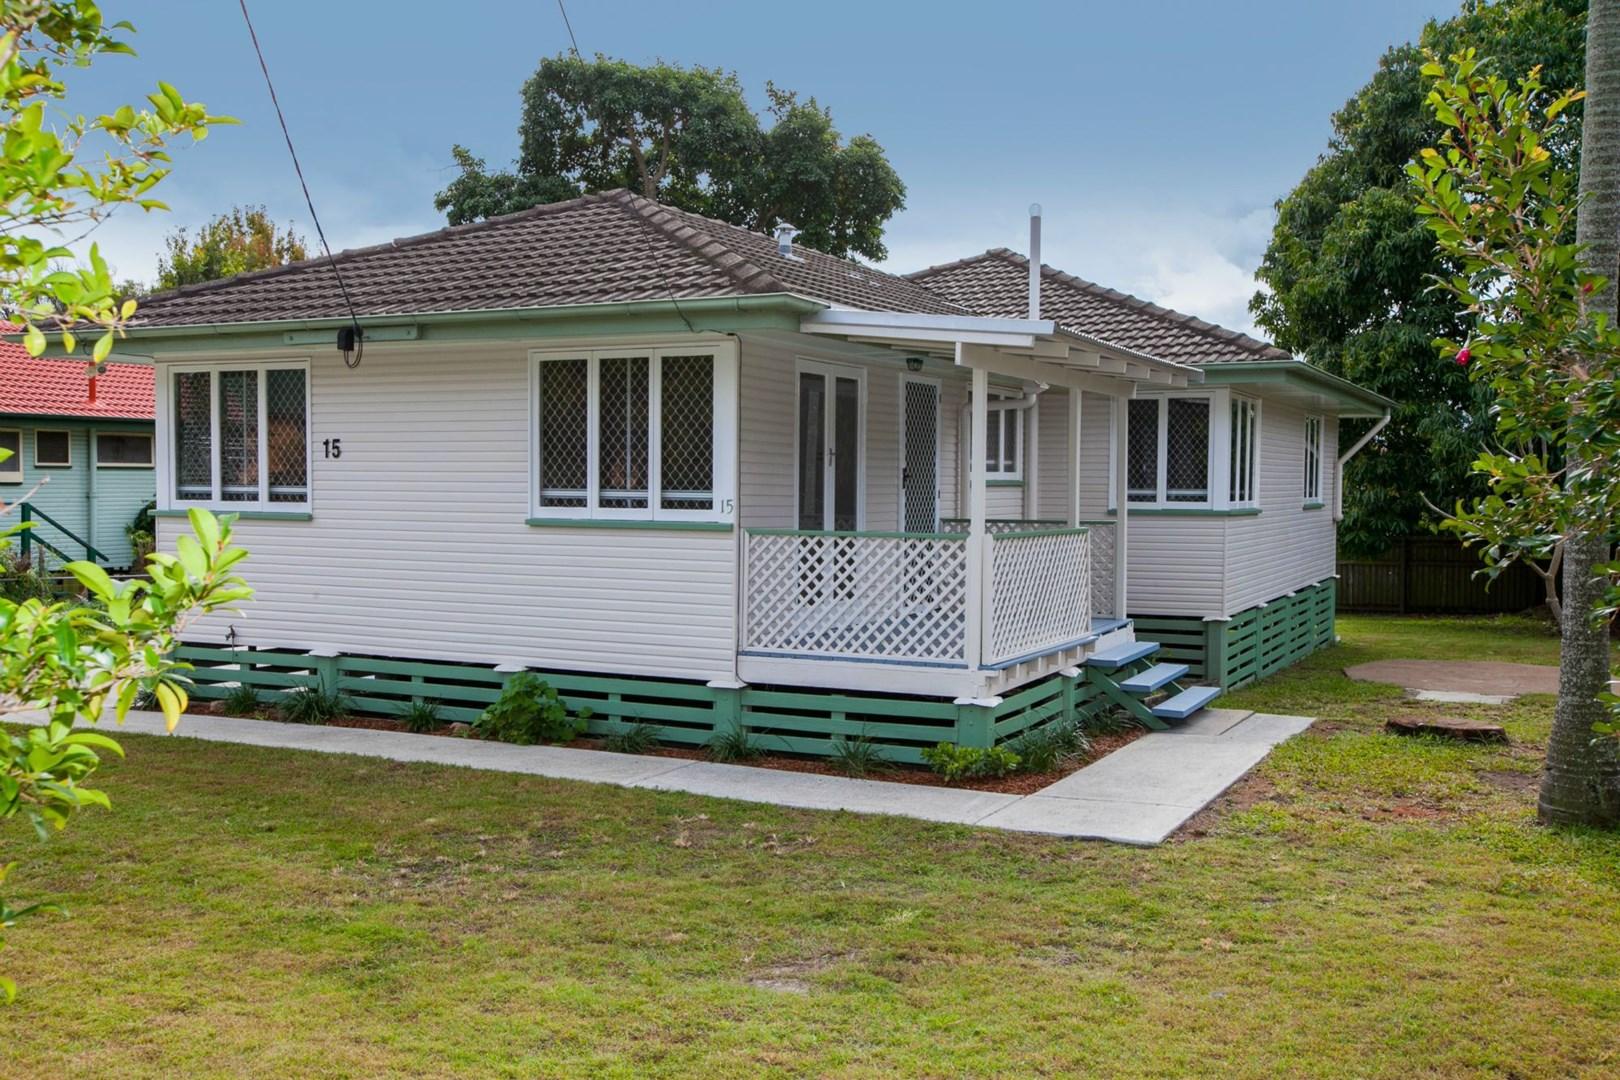 15 GEMINI Street, Inala QLD 4077, Image 0